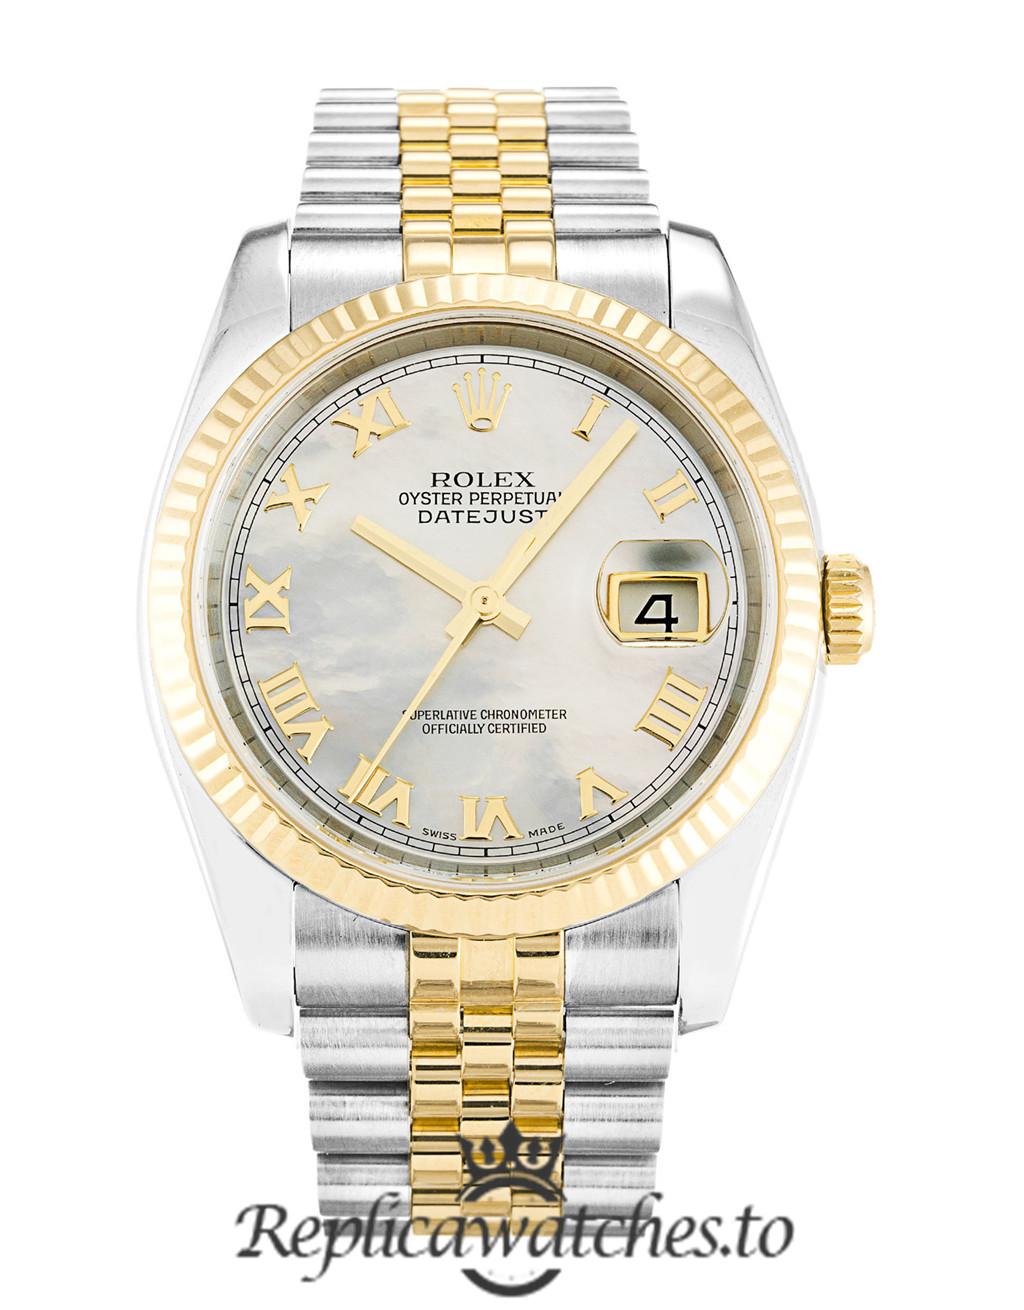 Rolex Datejust Replica 116233 002 Yellow Gold Bezel 36MM